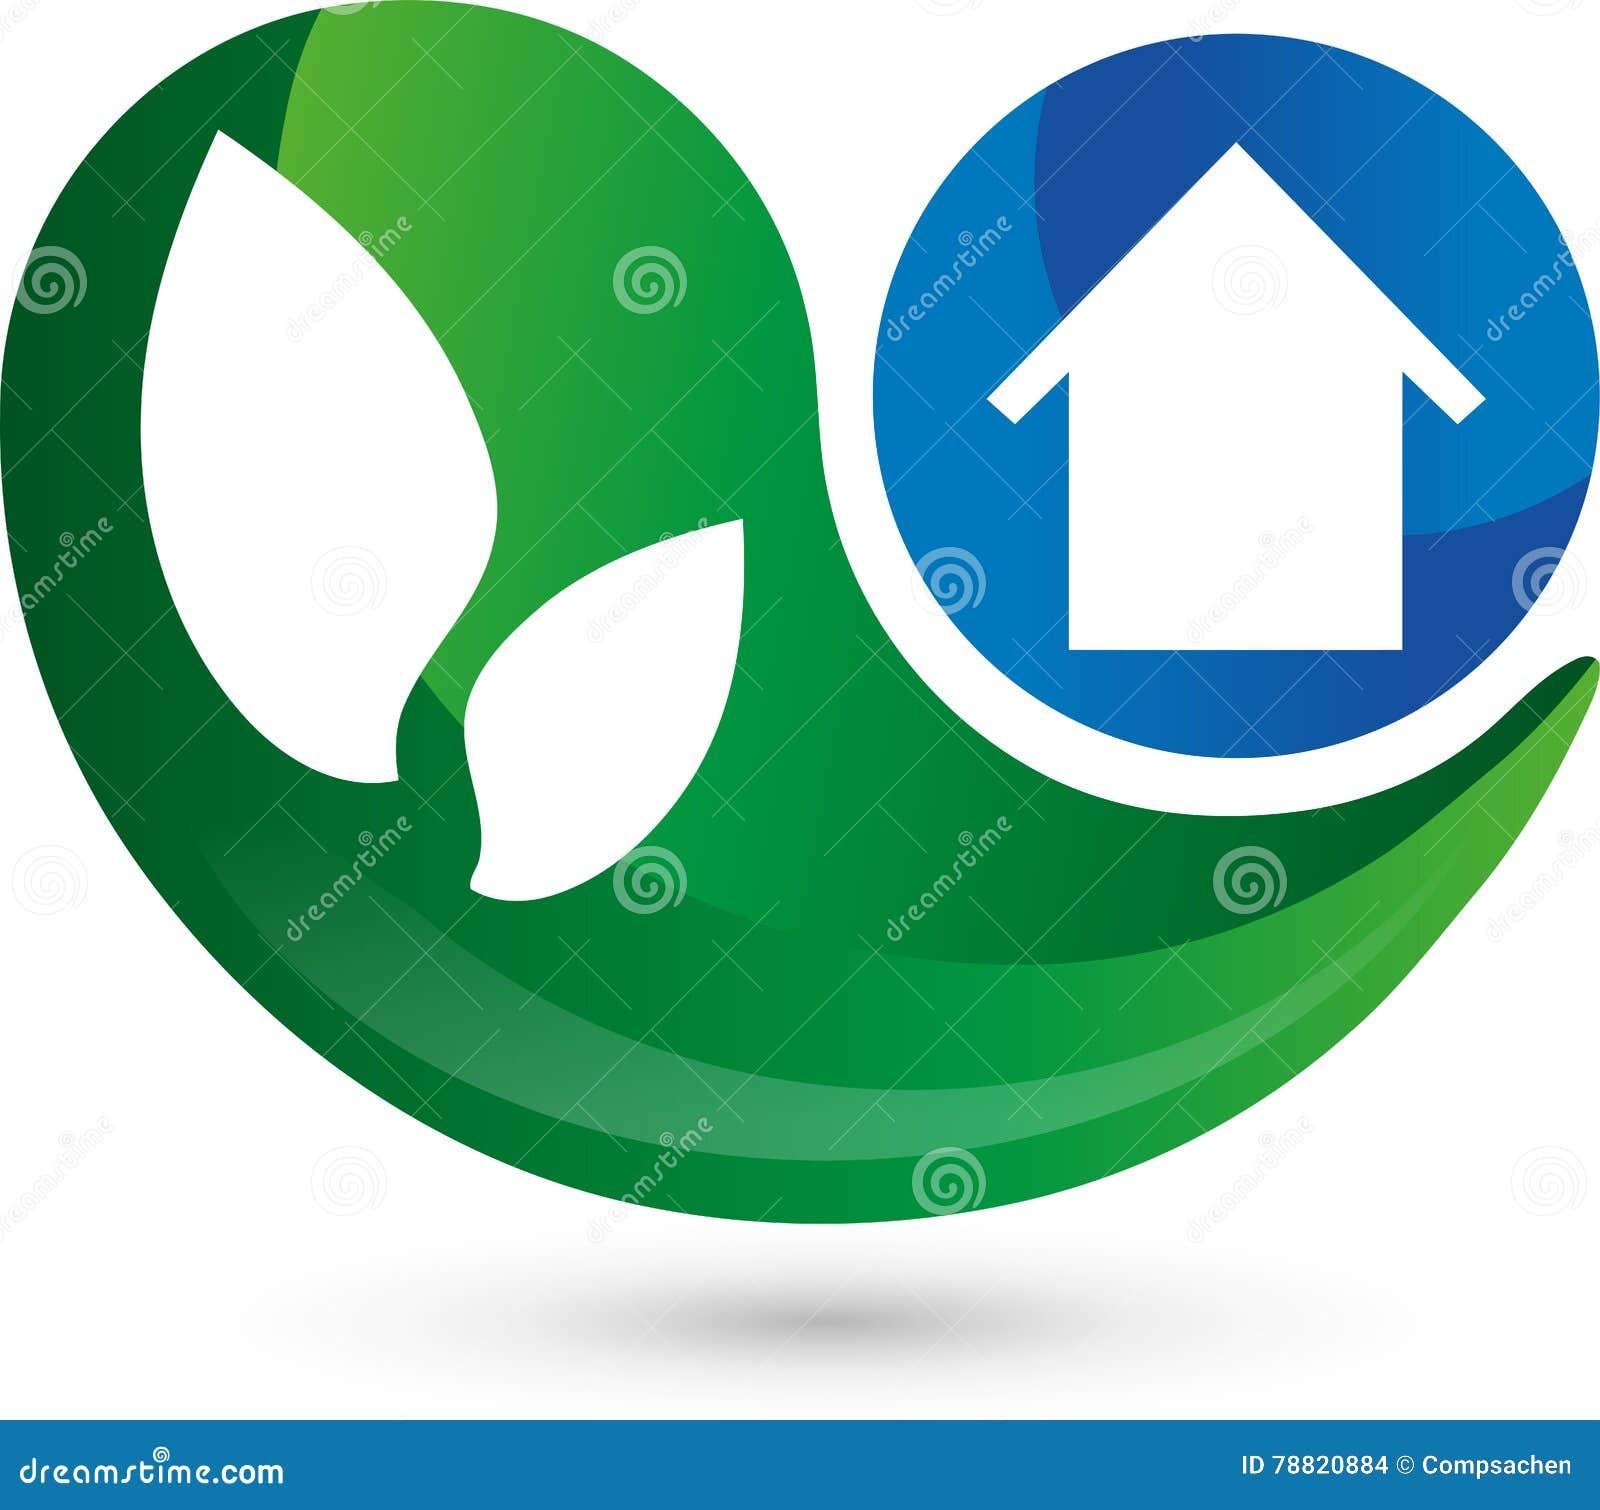 Логотип, 3d, падение, дом в сини, выходит